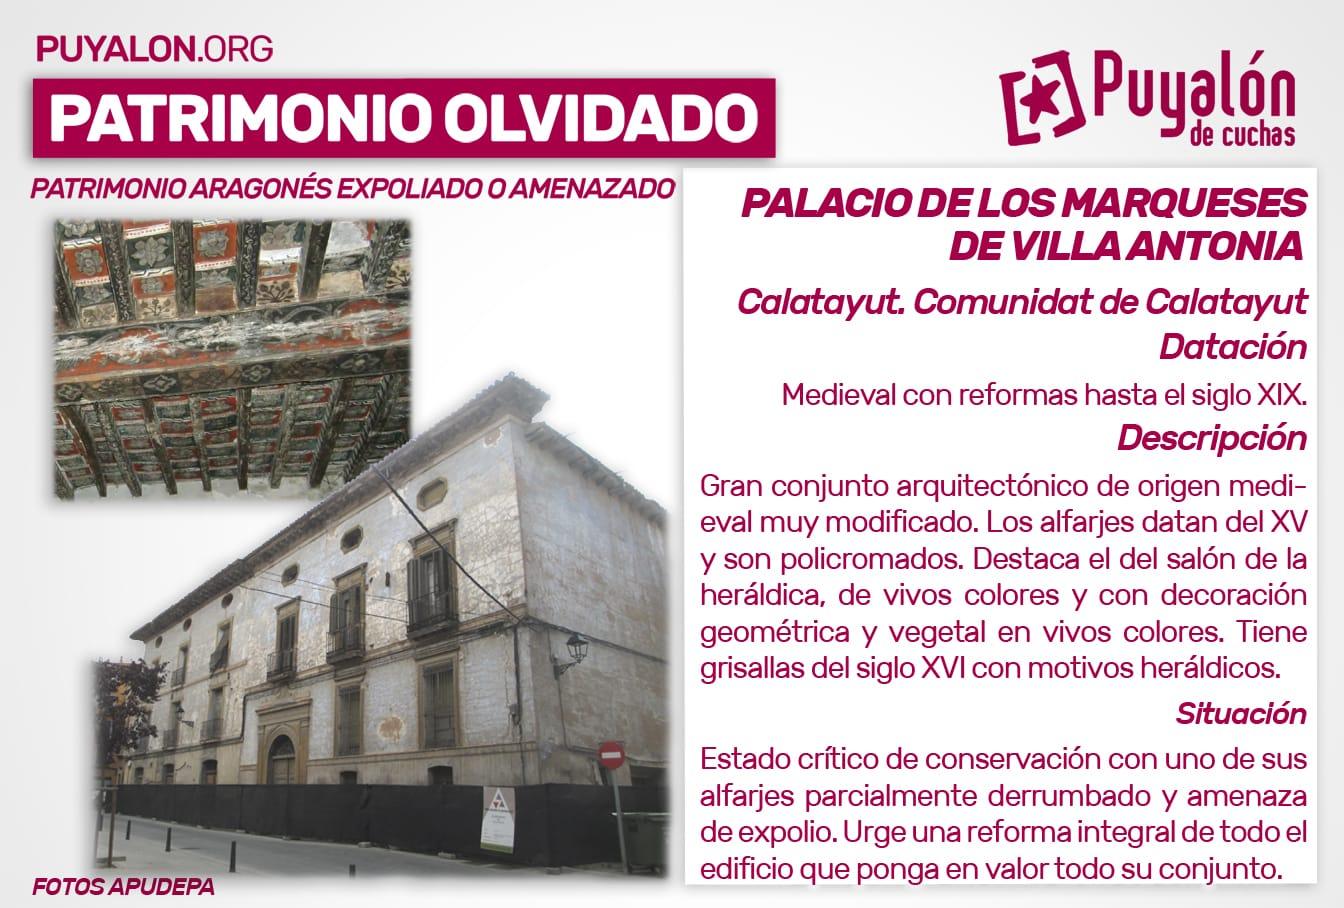 Palacio de los Marqueses de Villa Antonia